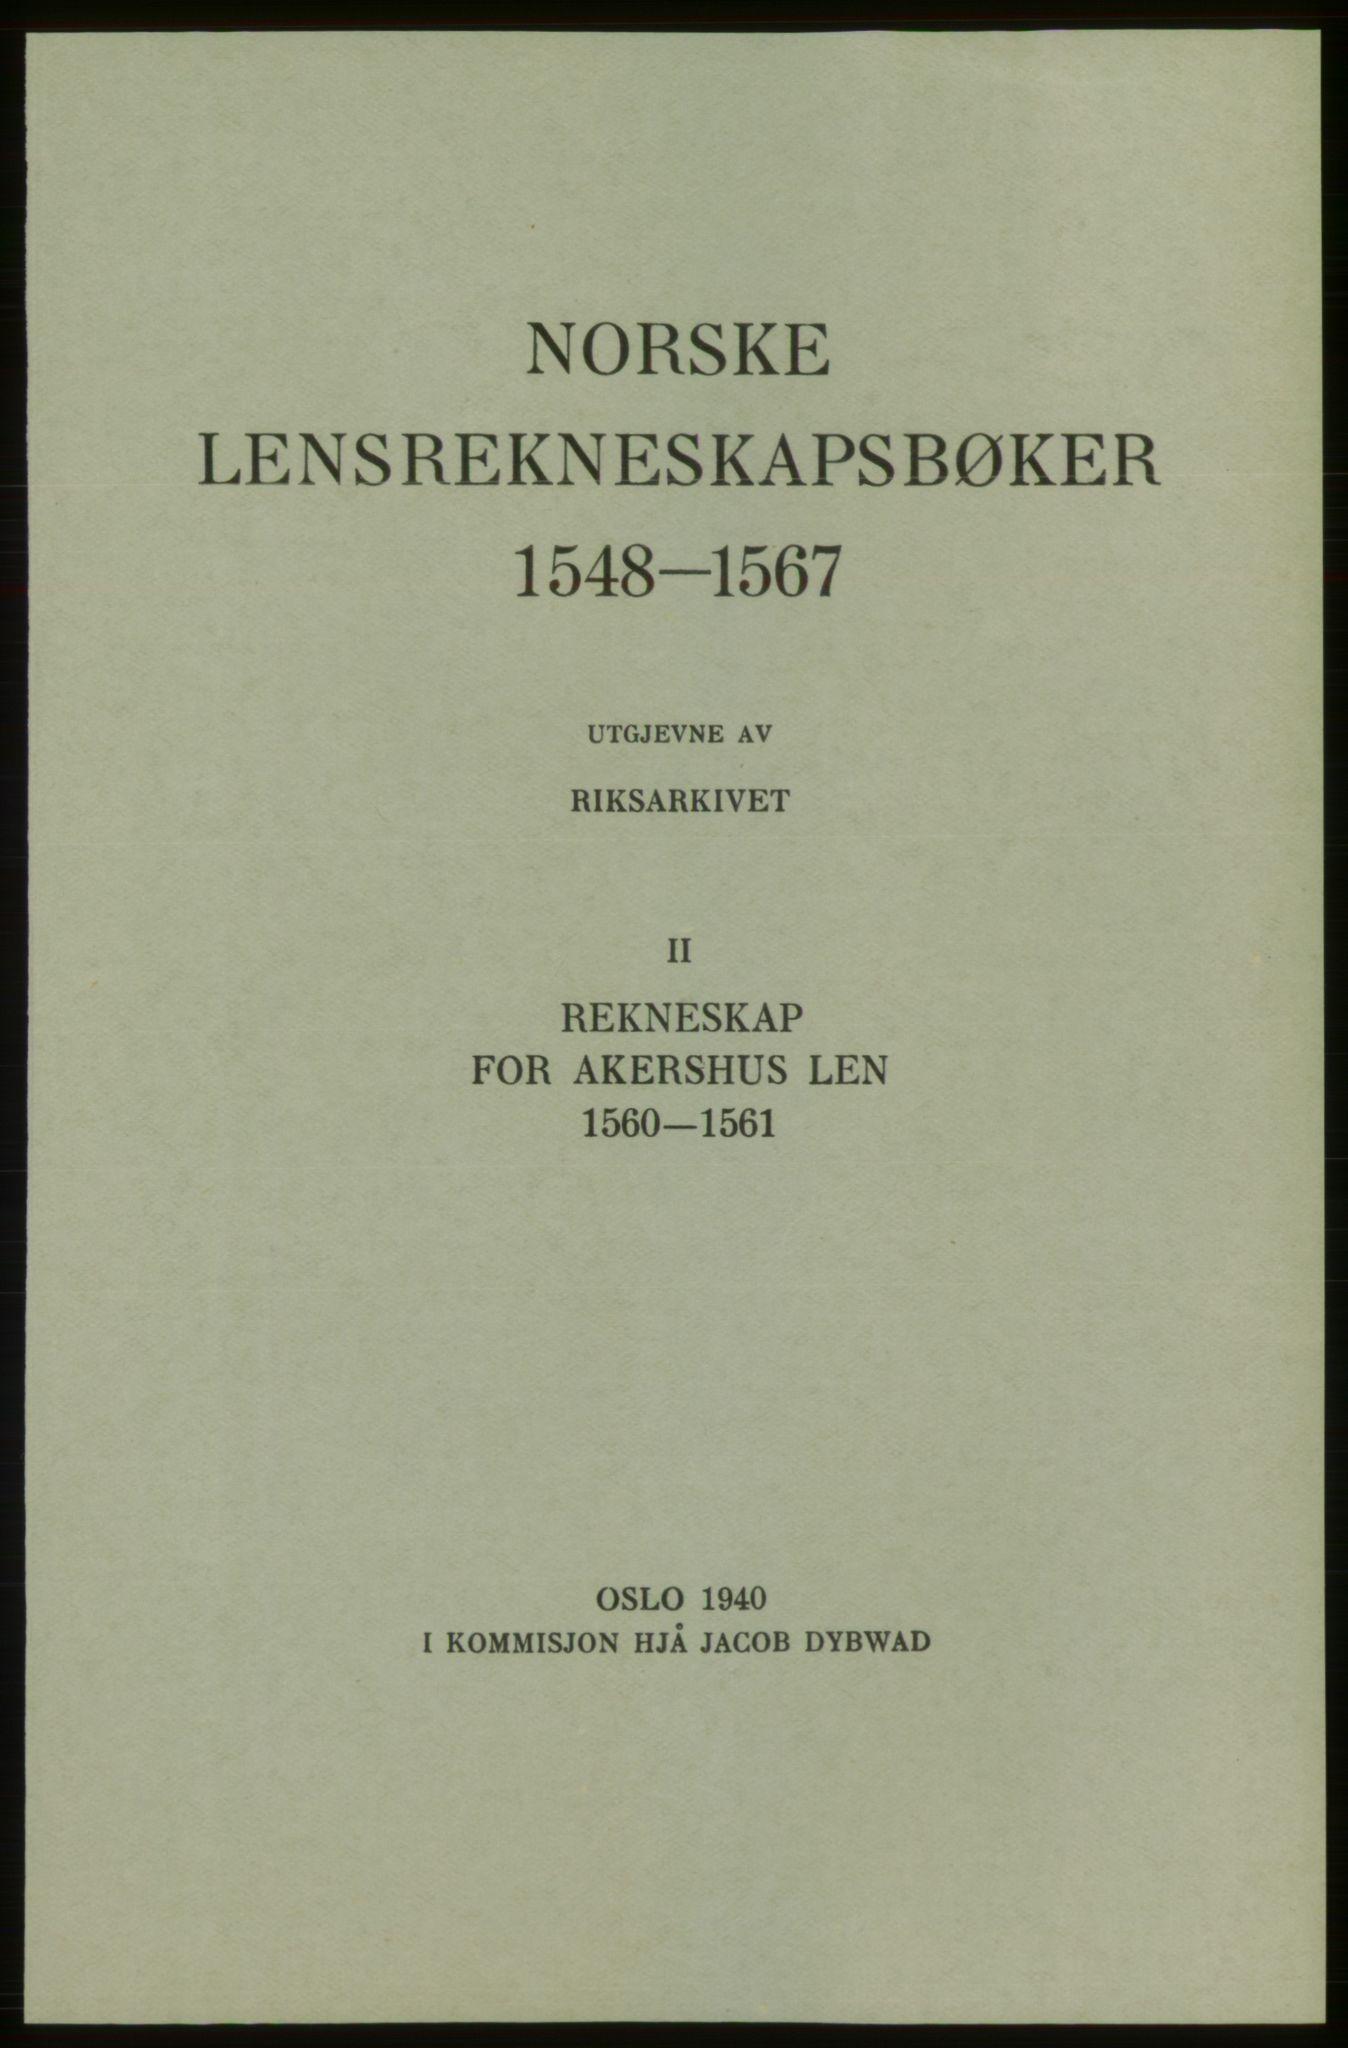 RA, Norske Lensrekneskapsbøker (publikasjon)*, 1560-1561